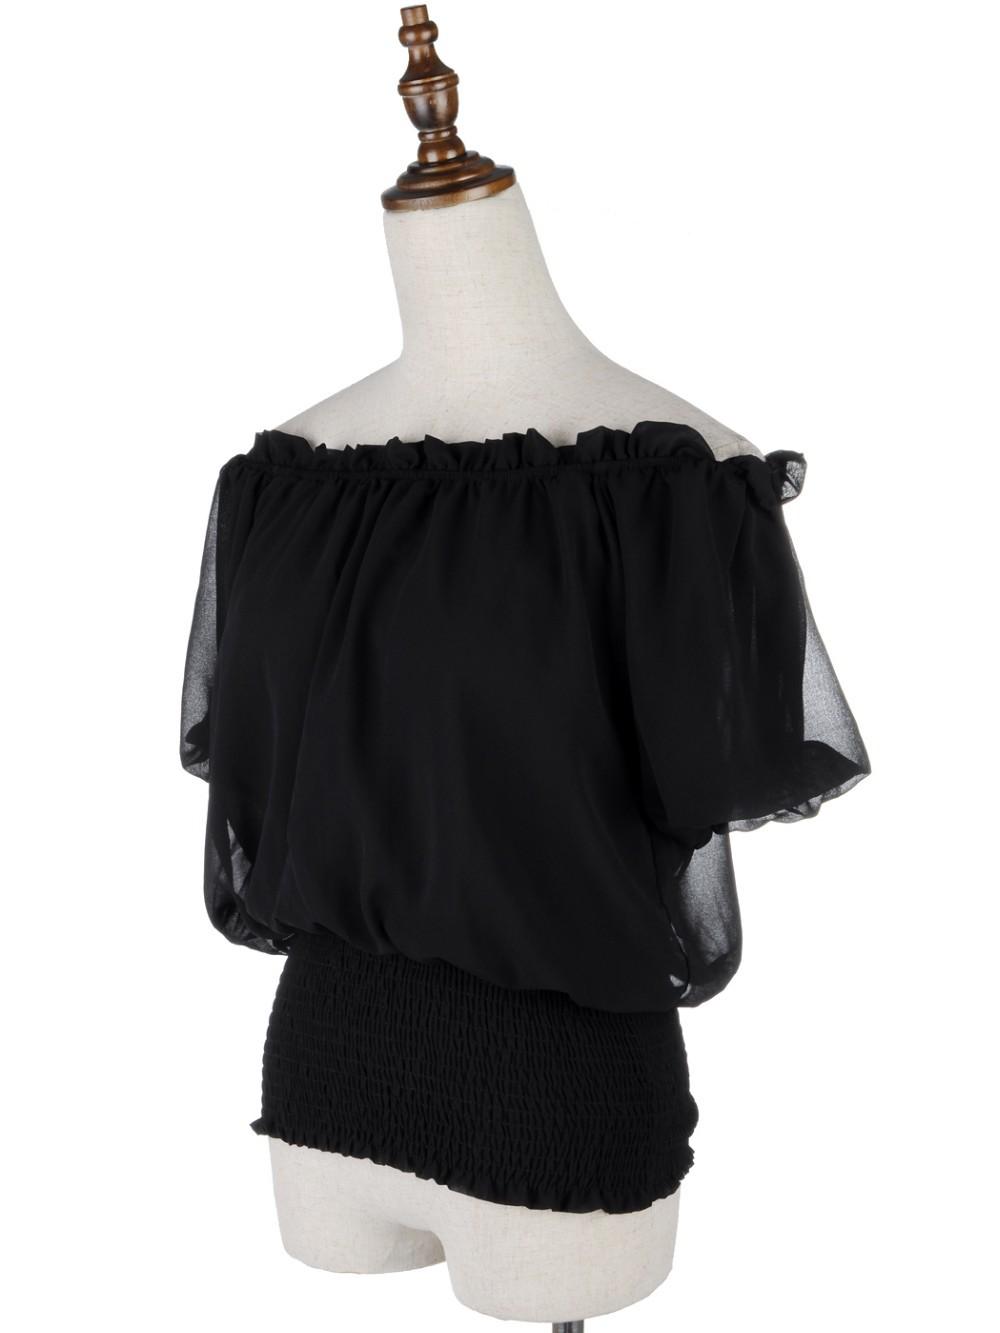 Блузка на резинке купить